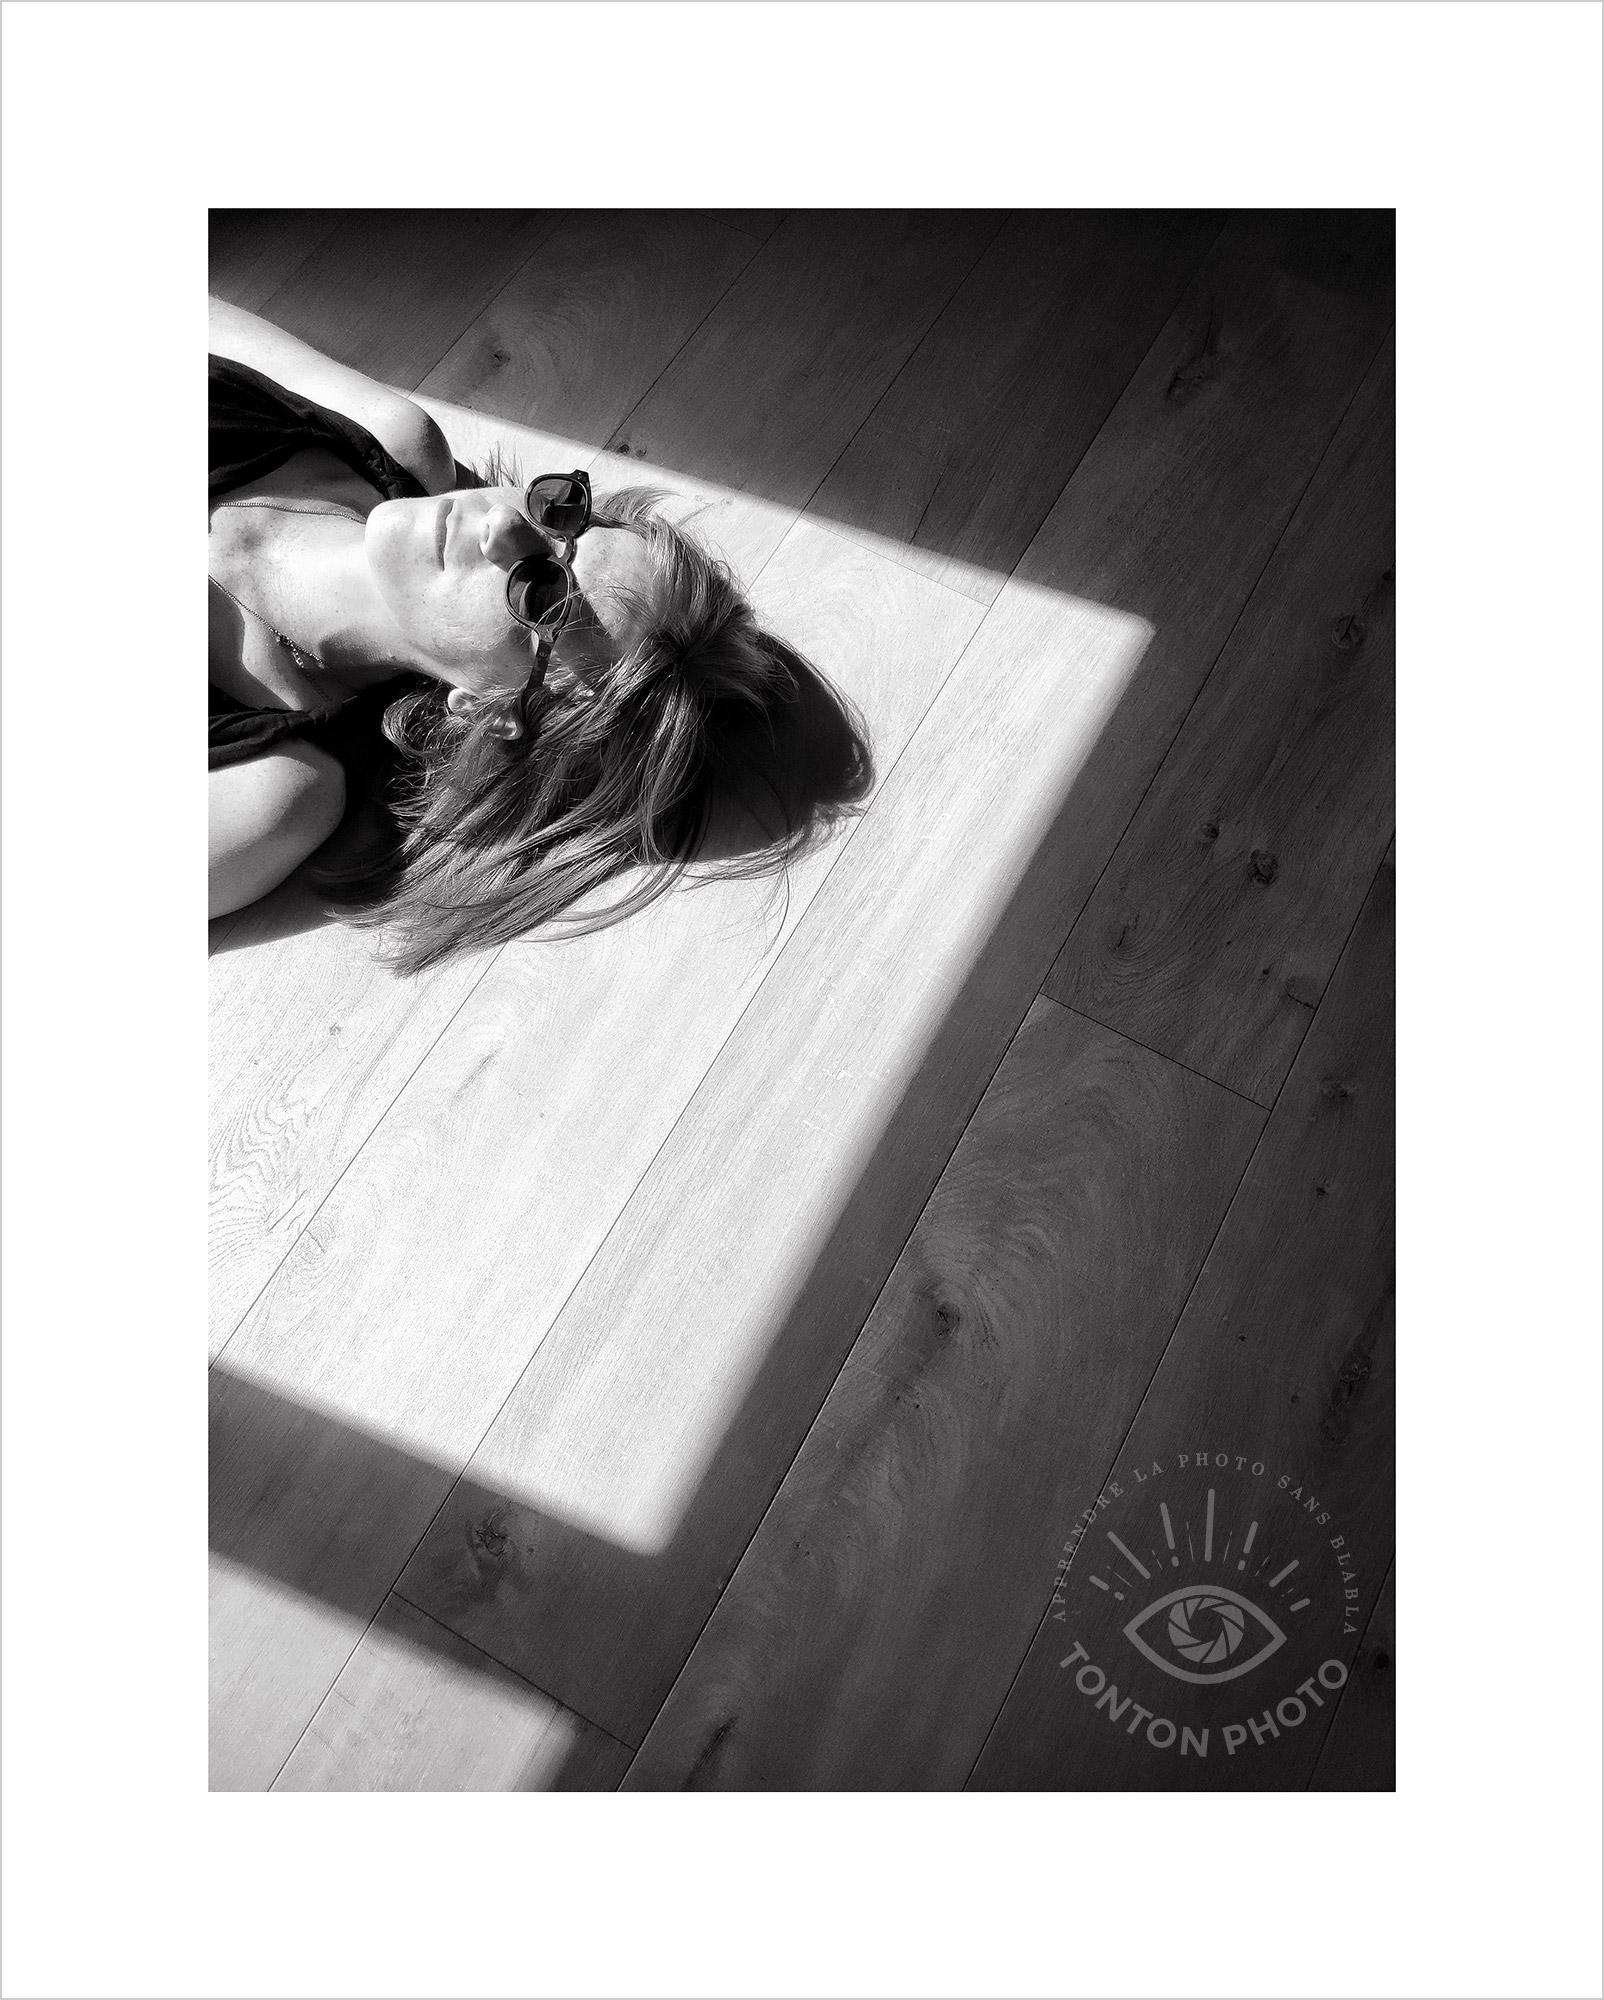 Jeu d'ombre et de lumière à travers la porte-fenêtre ouverte. Photo prise au smartphone Xiaomi Mi Mix 3 © Tonton Photo